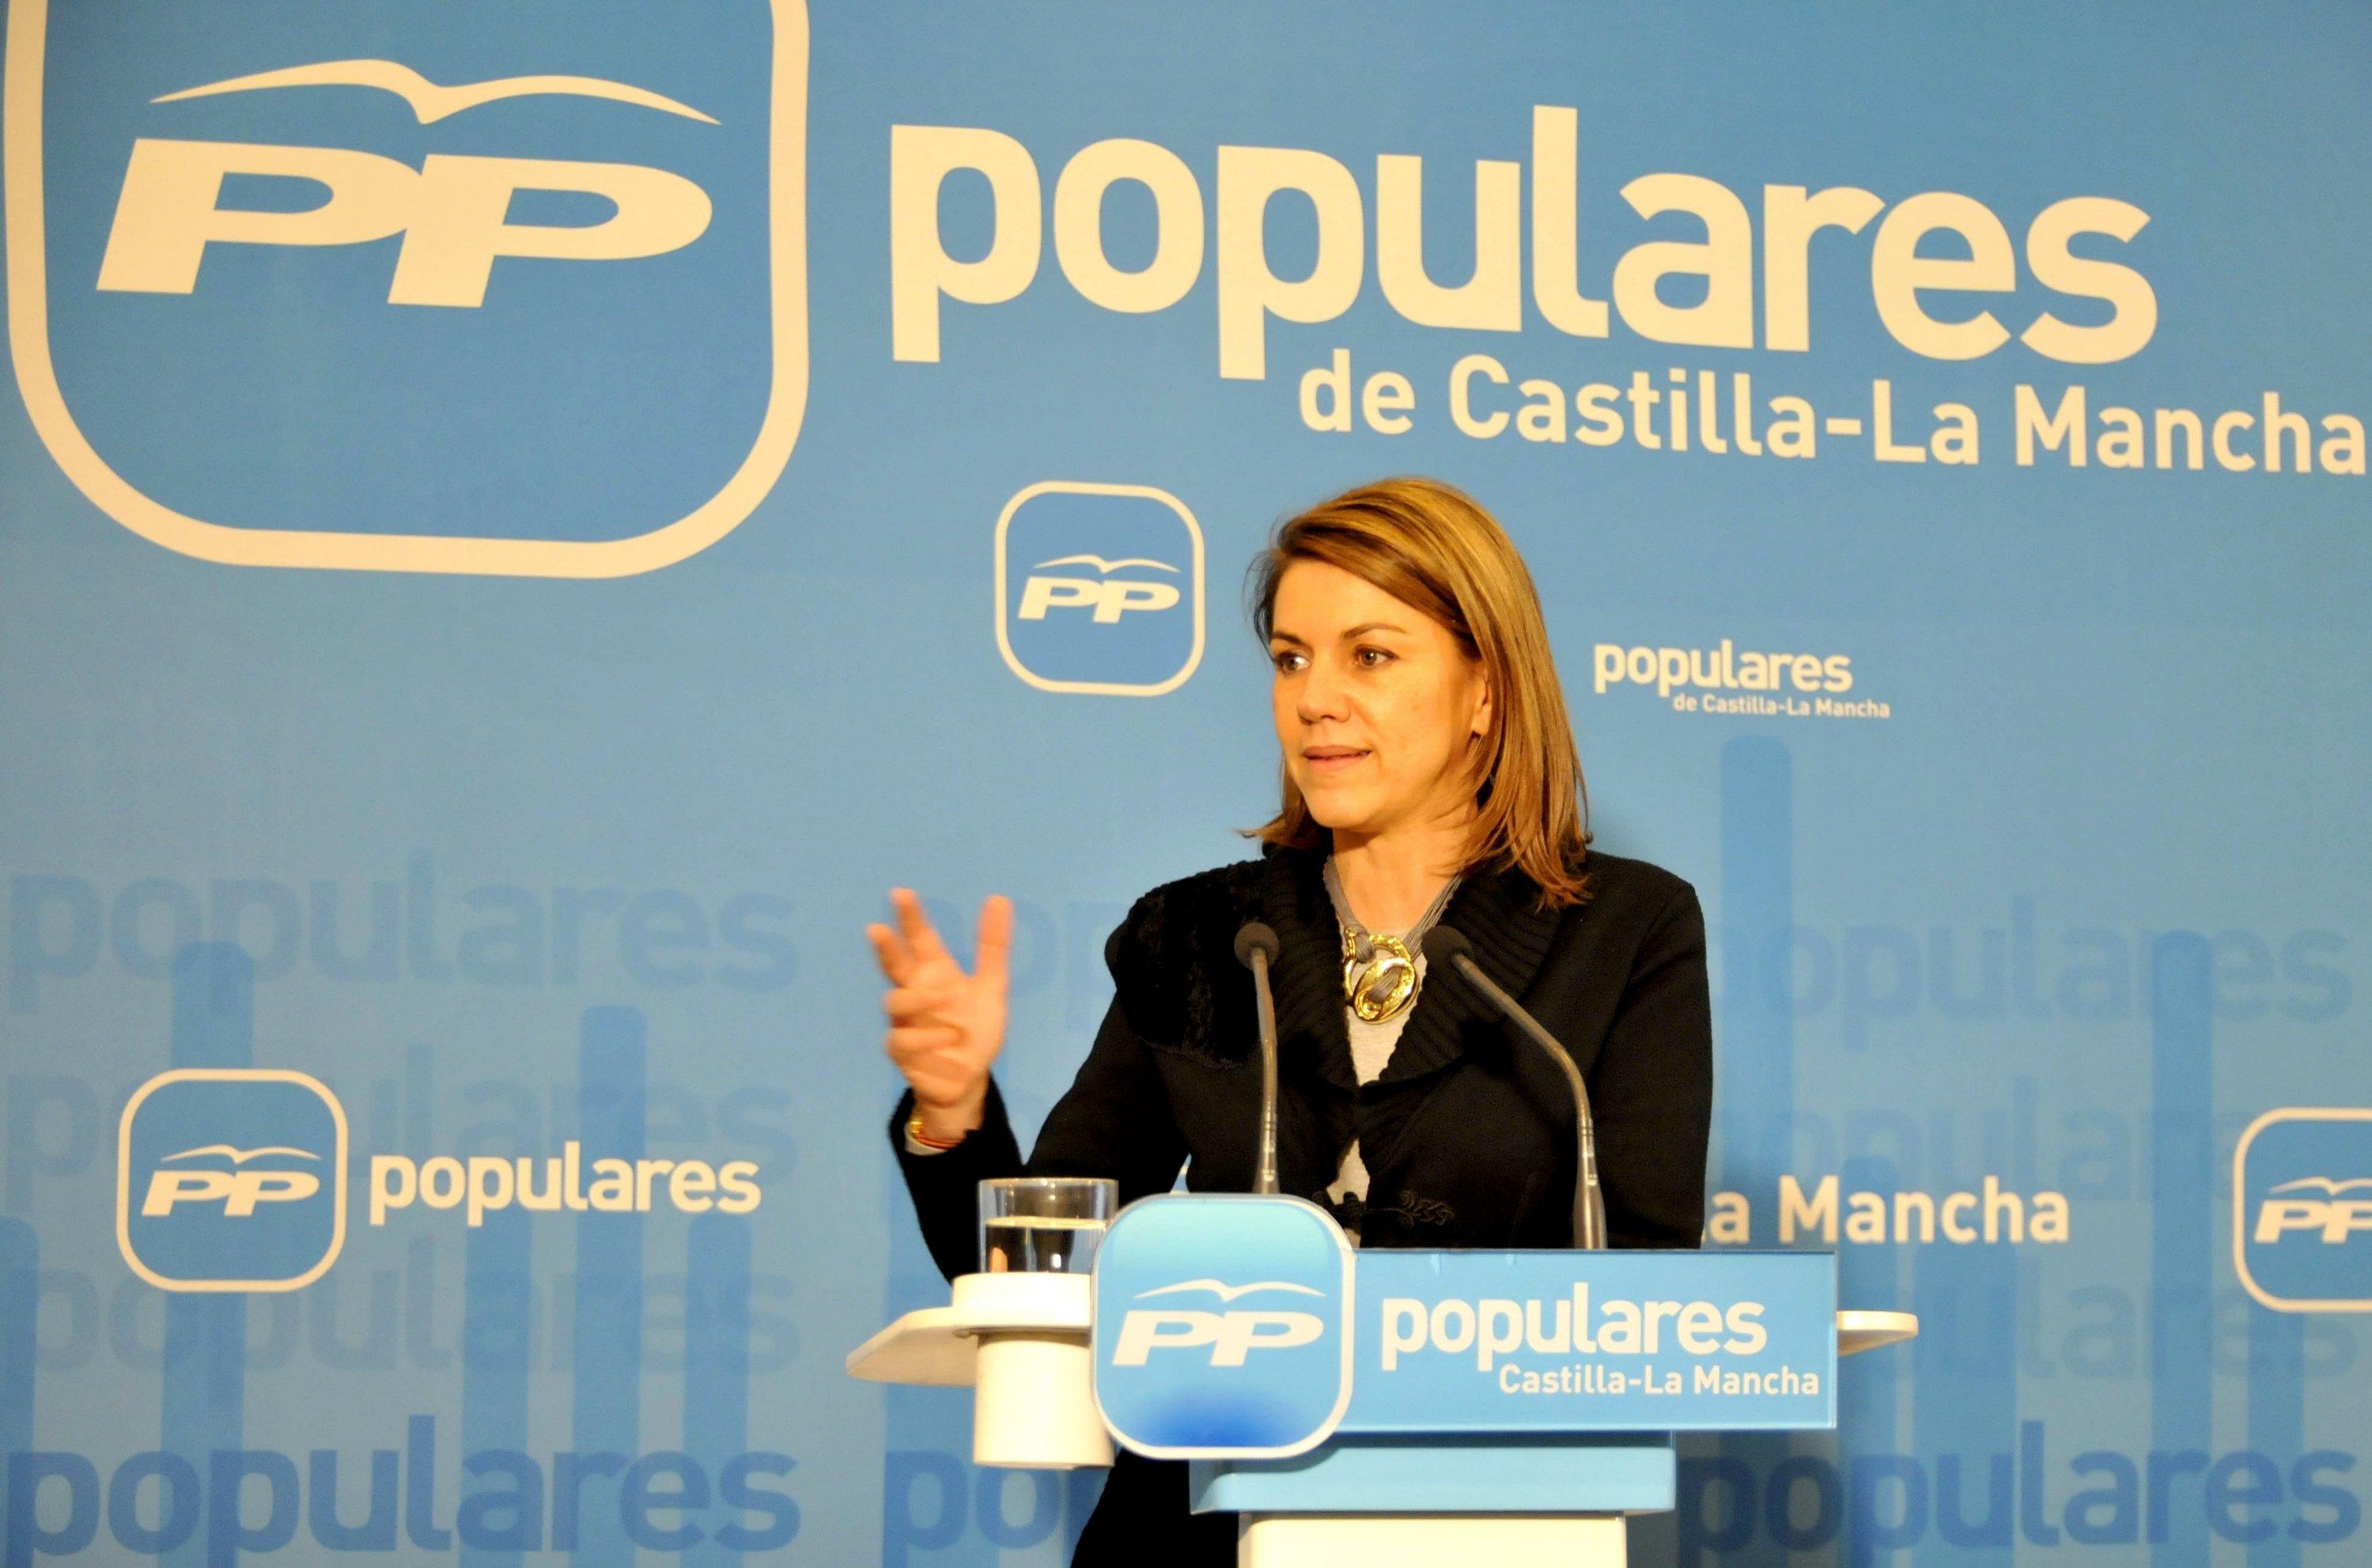 La delegación del PP de C-LM en el Congreso nacional de Sevilla contará con 350 afiliados, 235 de ellos compromisarios